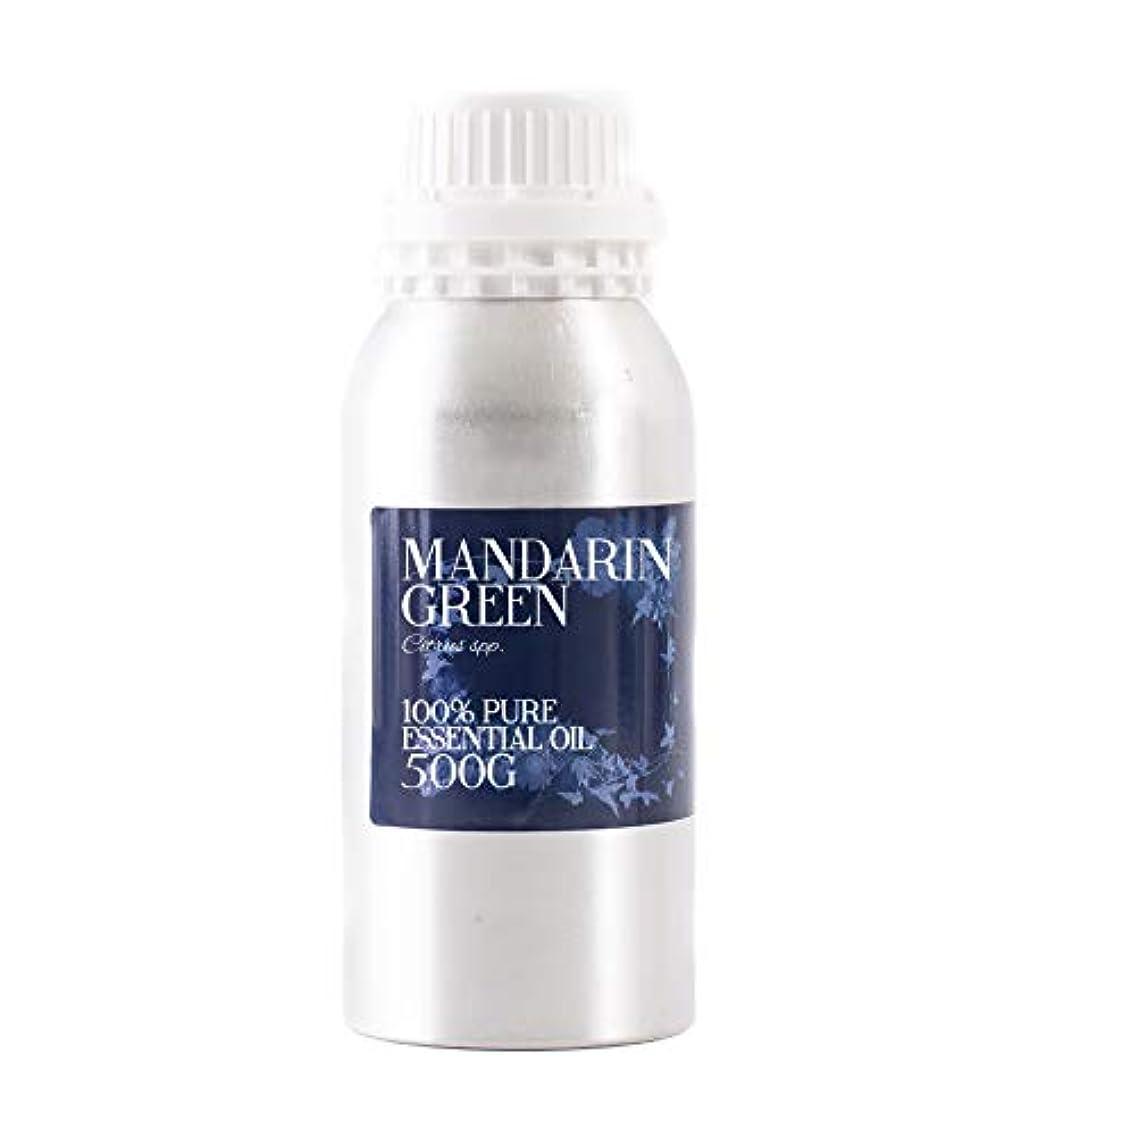 ストロークアルバニー泥Mystic Moments | Mandarin Green Essential Oil - 500g - 100% Pure